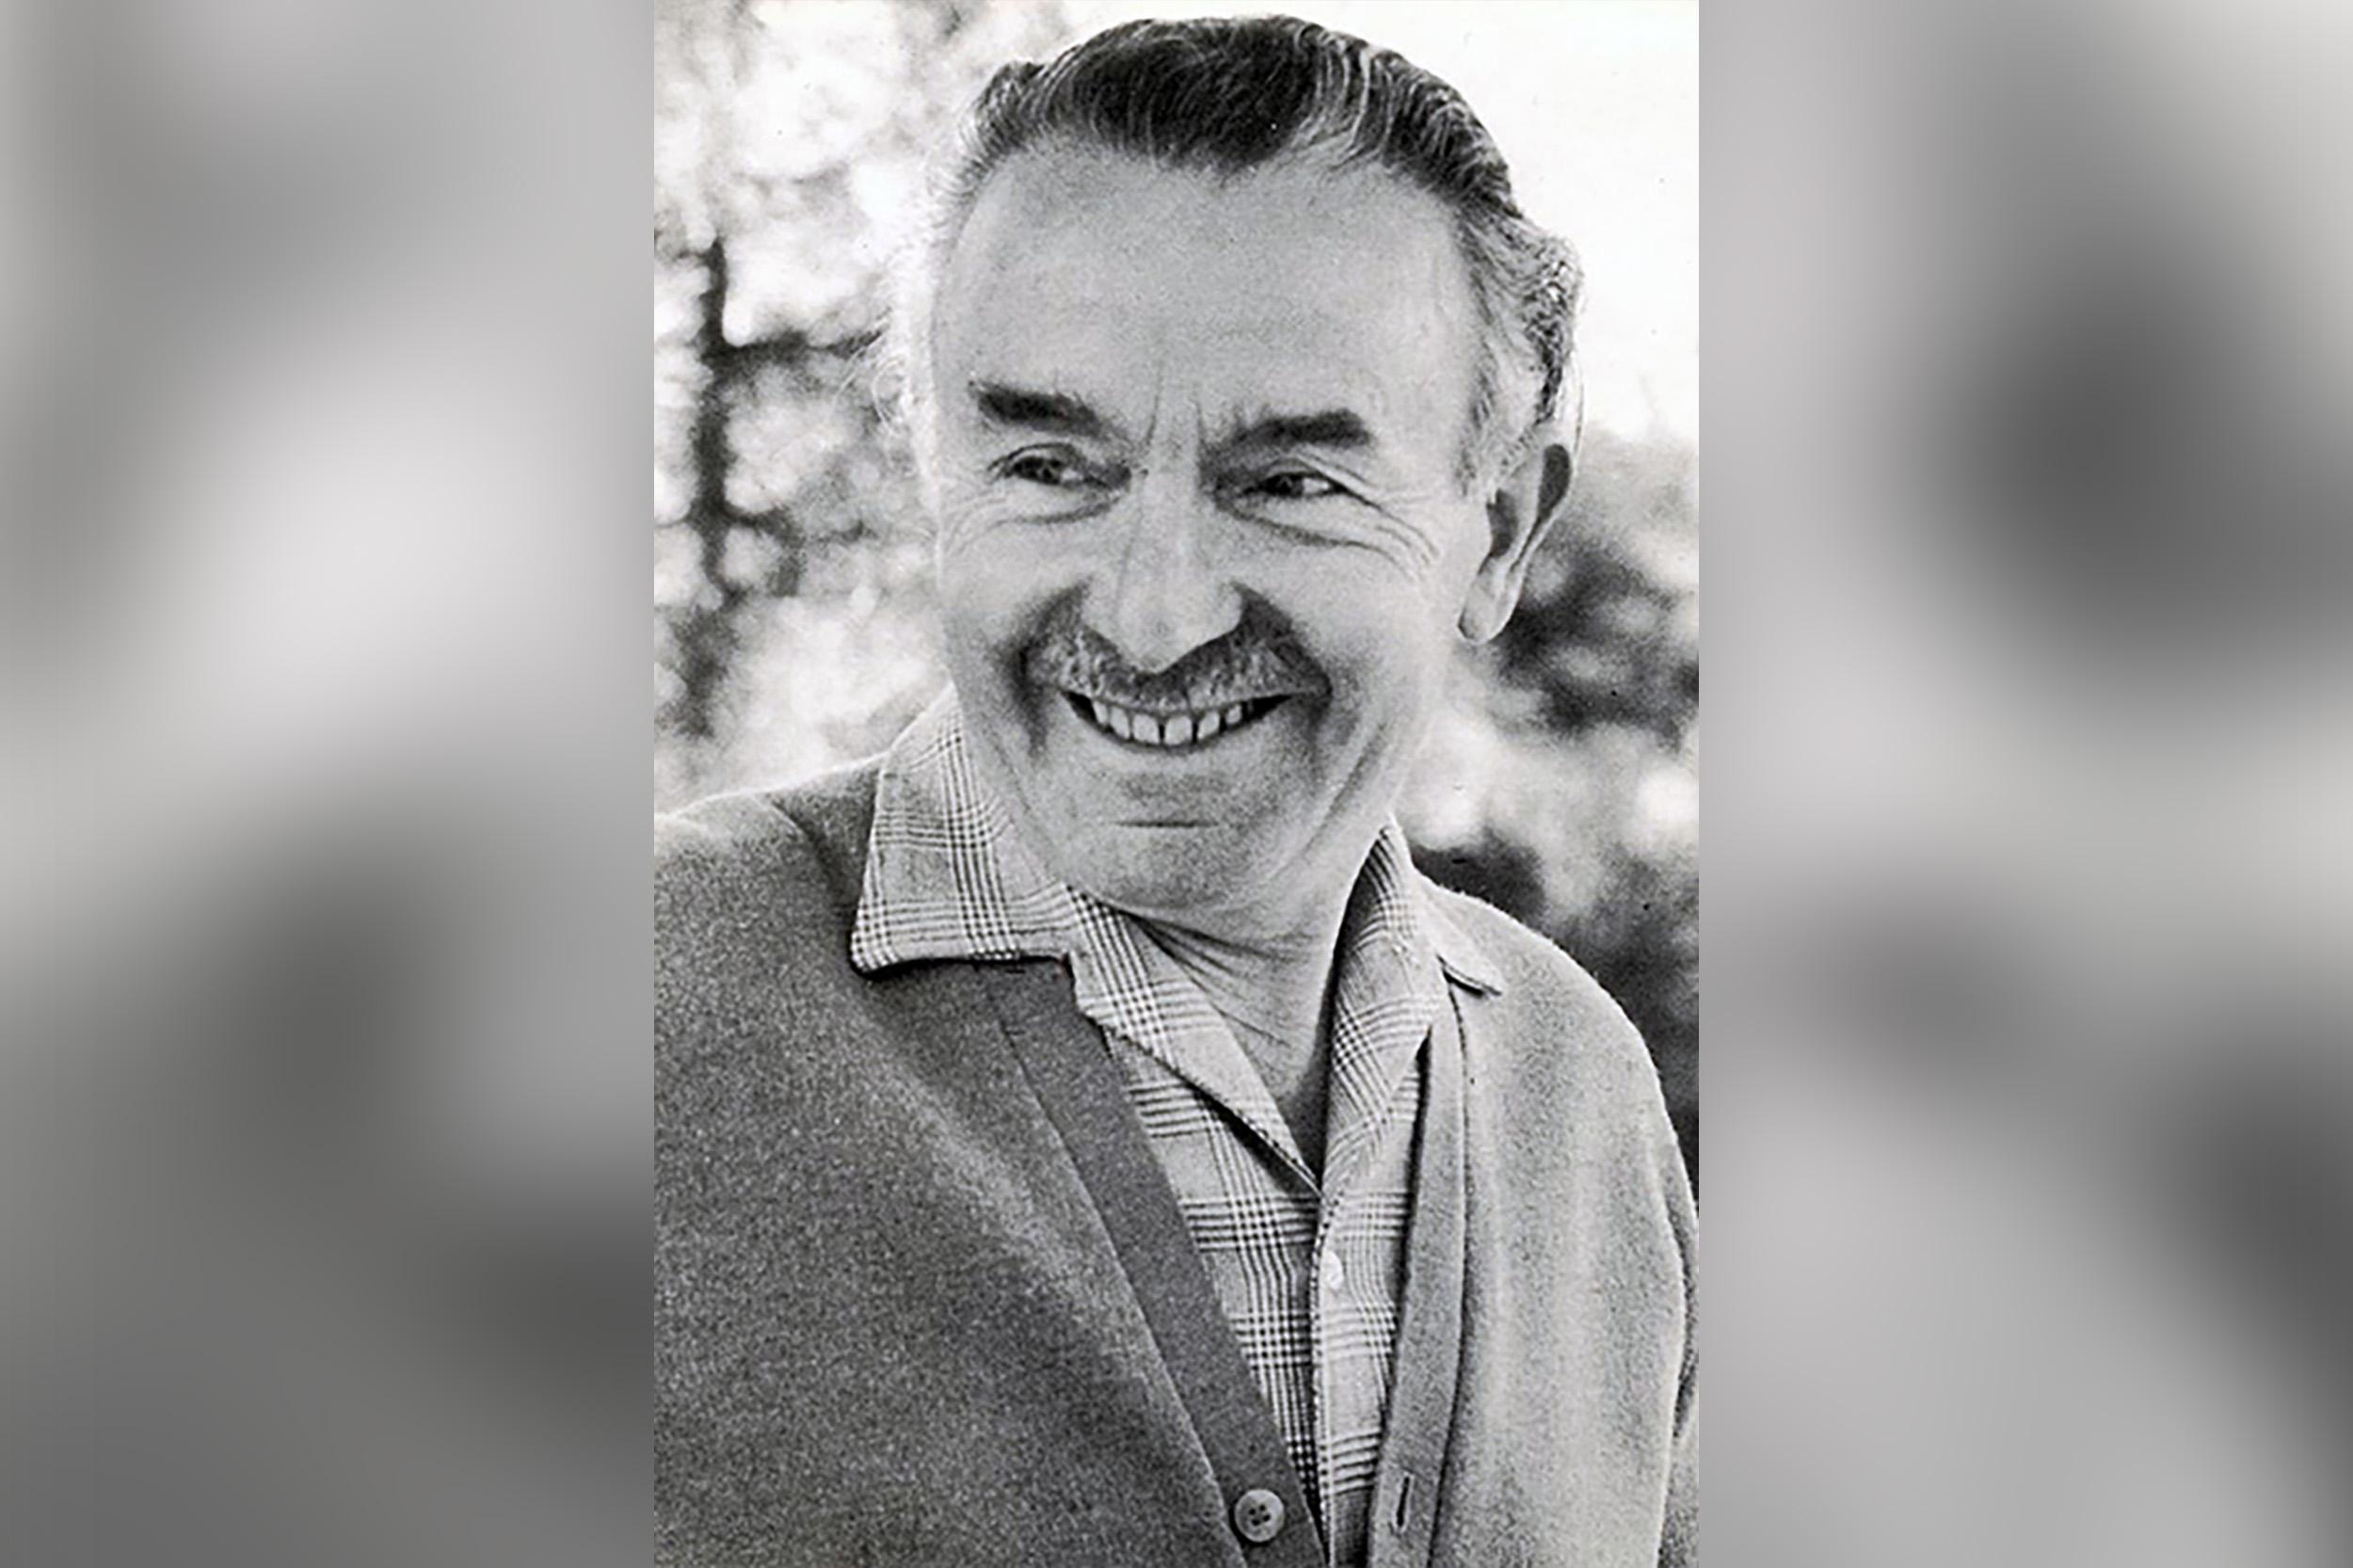 Célestin Freinet war ein französischer Reformpädagoge und Begründer der Freinet-Pädagogik (* 15. Oktober 1896 in Gars, Provence, Frankreich; † 8. Oktober 1966 in Vence)